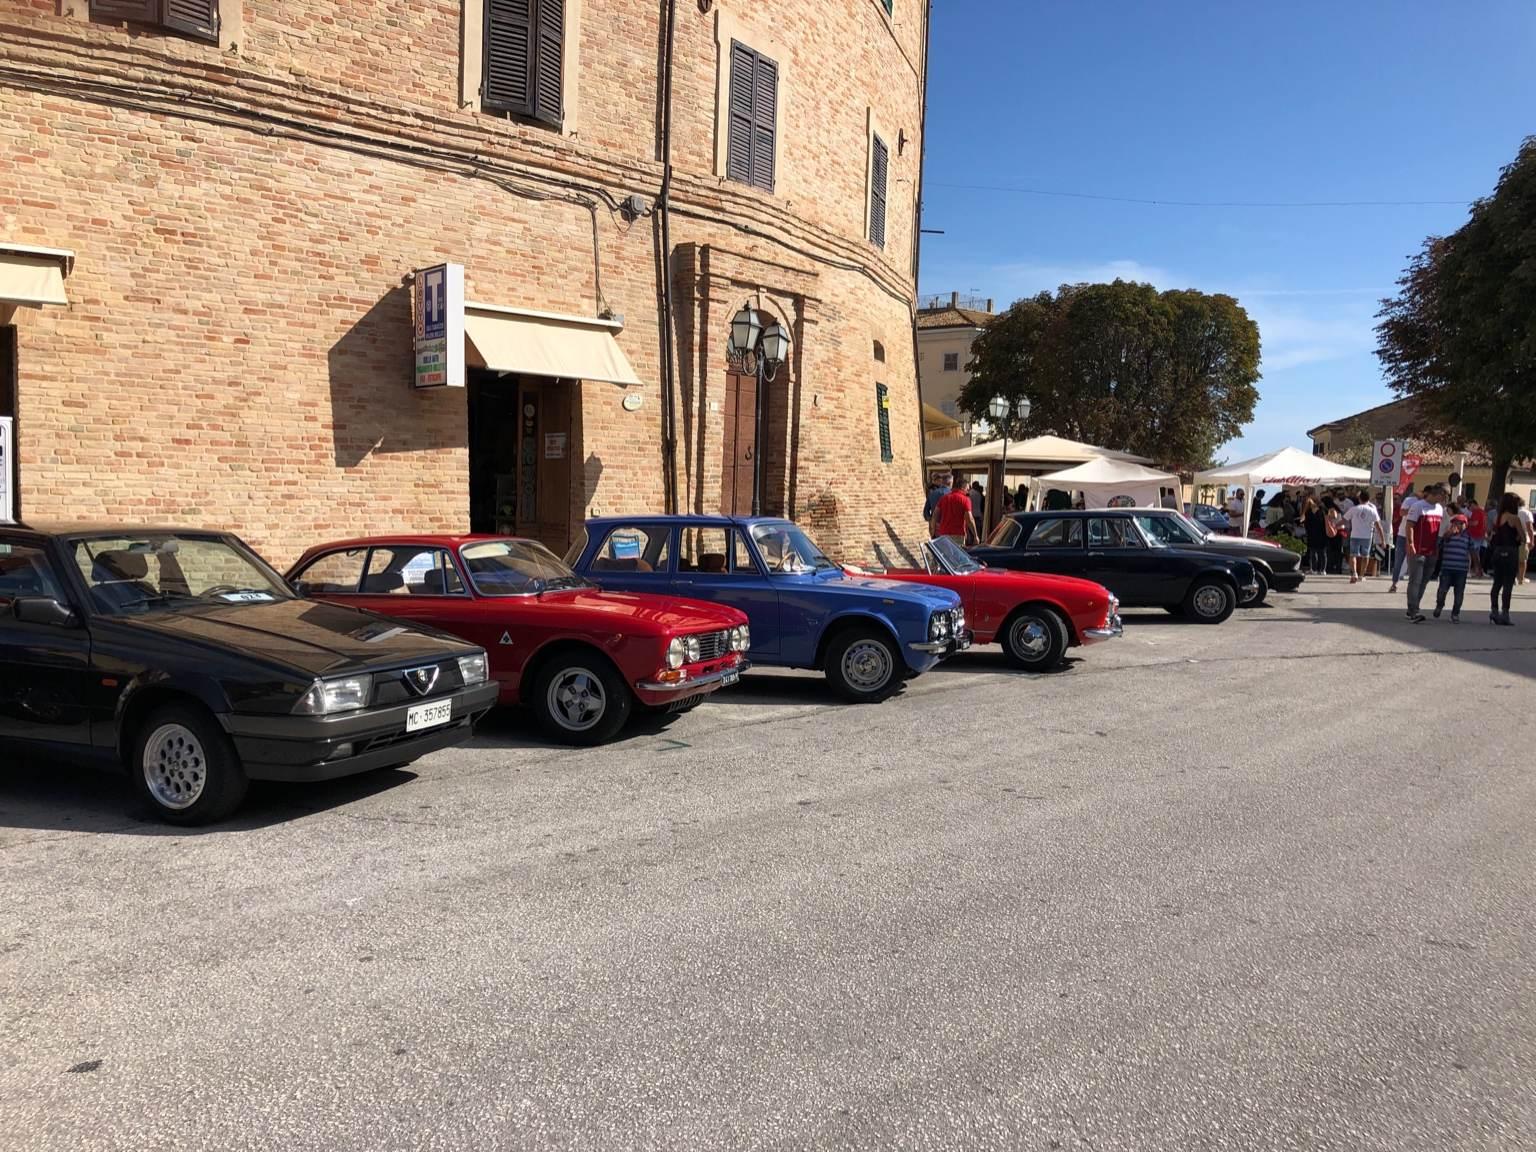 foto 5° raduno Alfa Romeo nella Vallesina 7/8 settembre 2019 - 3